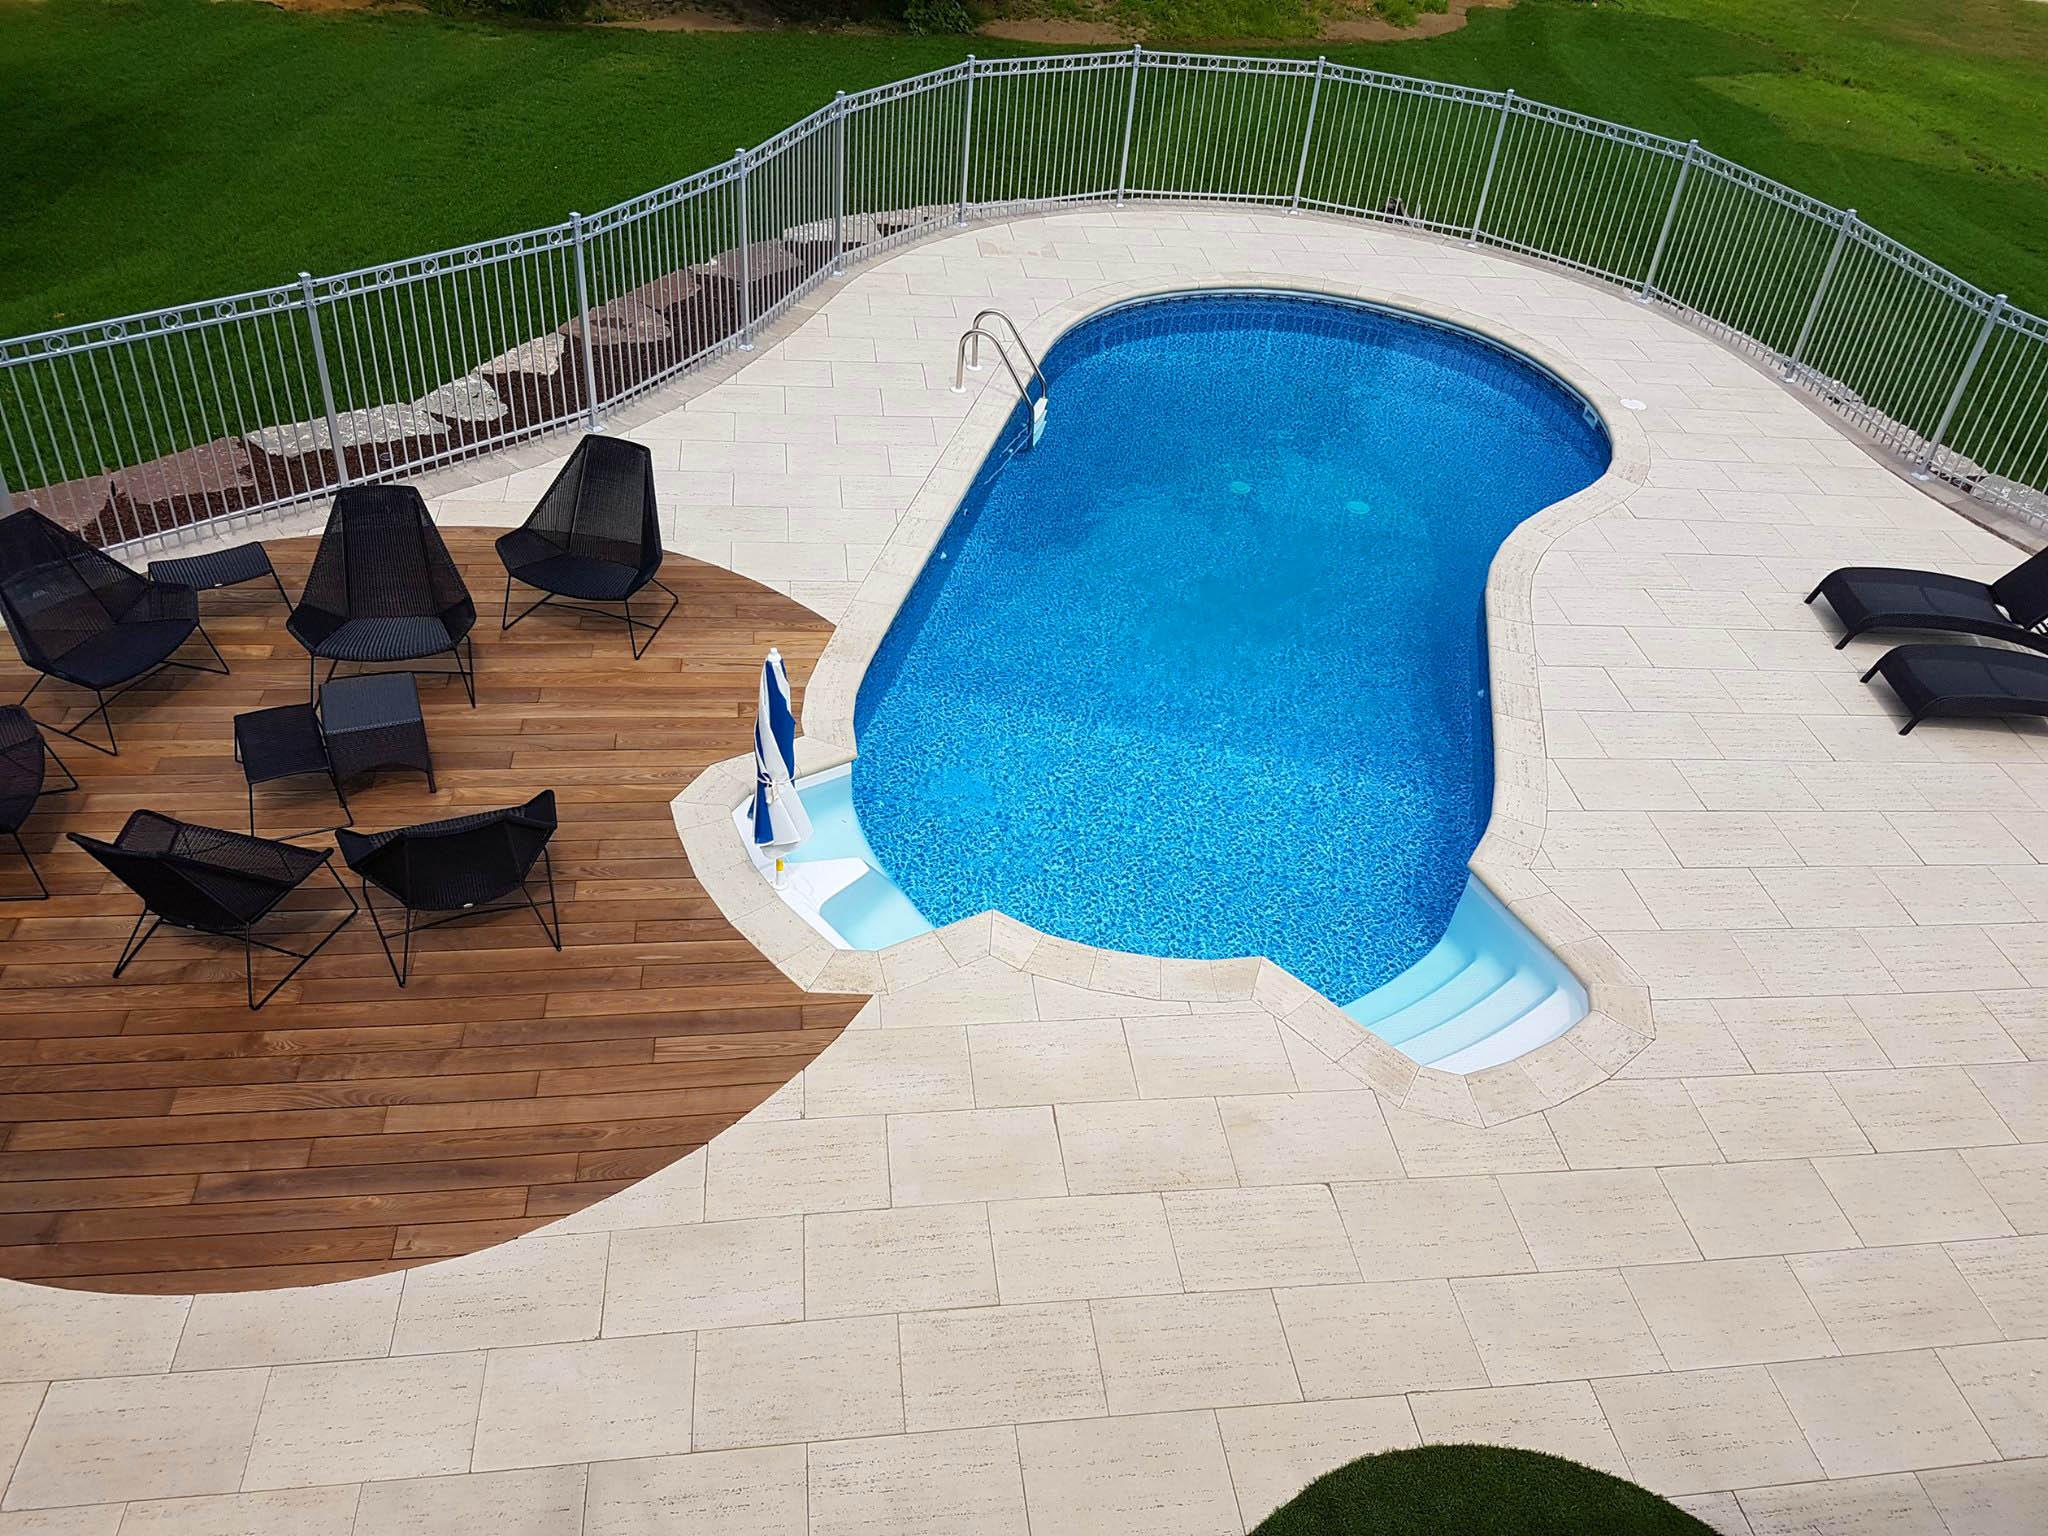 Riverview Design Solutions - Landscape Architecture - Thousand Islands Pool Patio Design.jpg